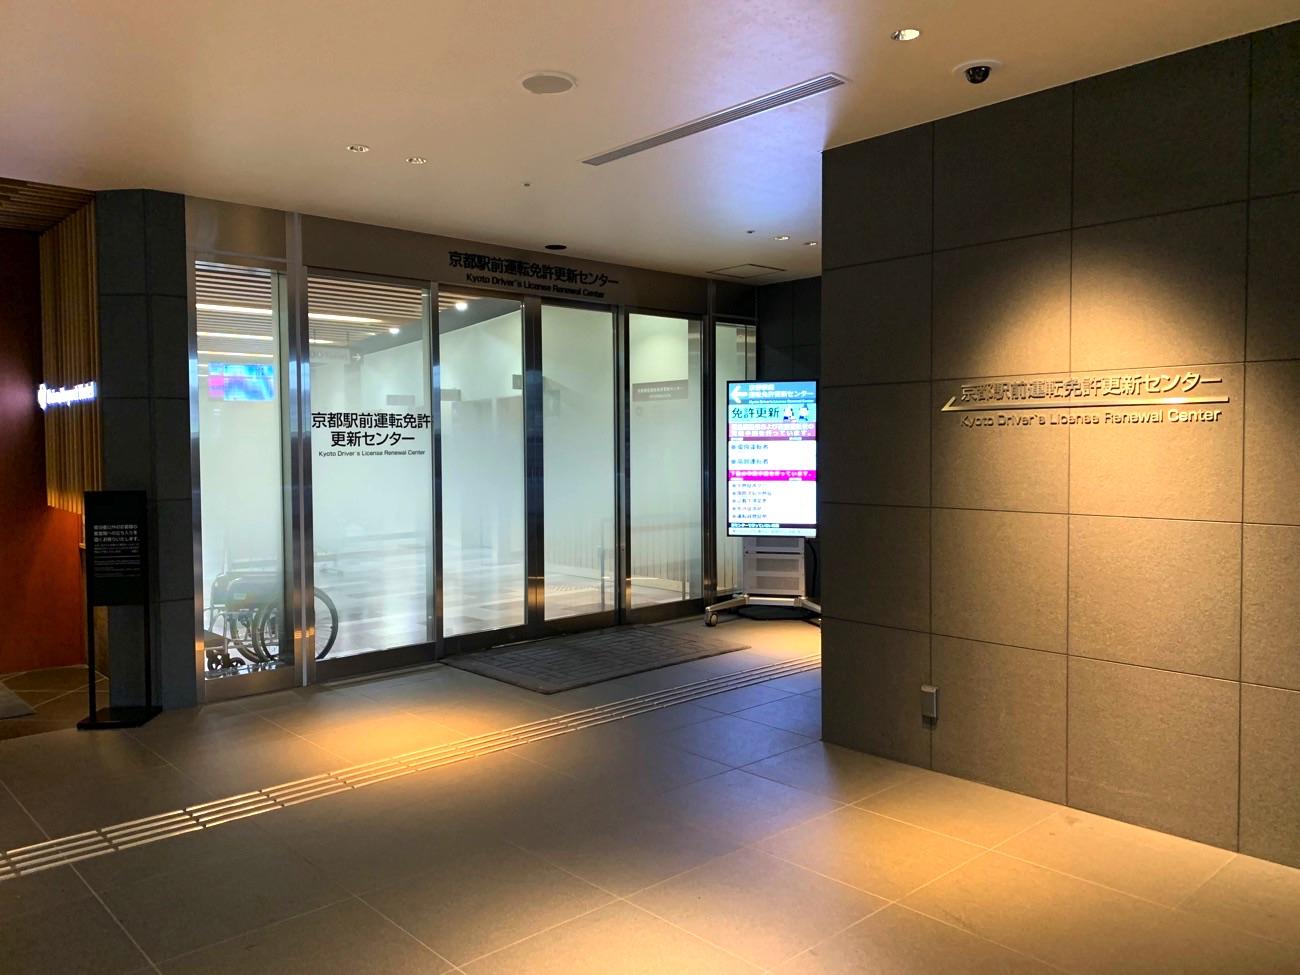 京都駅前運転免許更新センターの入口